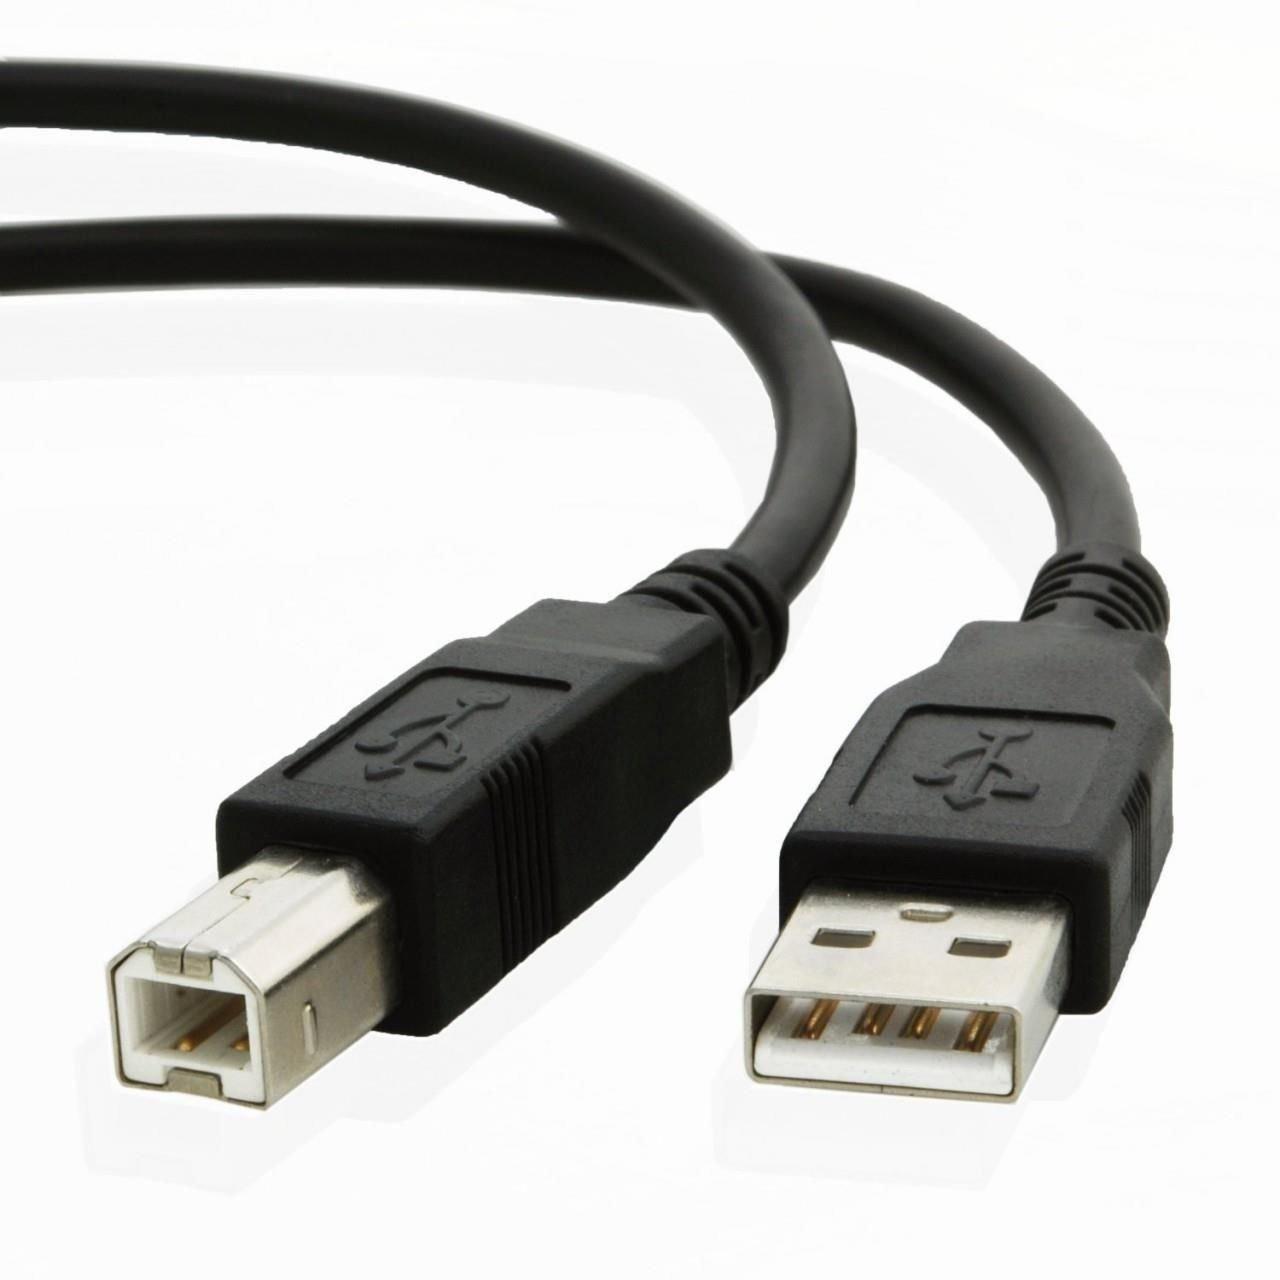 NiceTQ USB Cable Cord for Zebra ZP200 ZP450 ZP500 ZP505 Thermal Shipping Label Printer